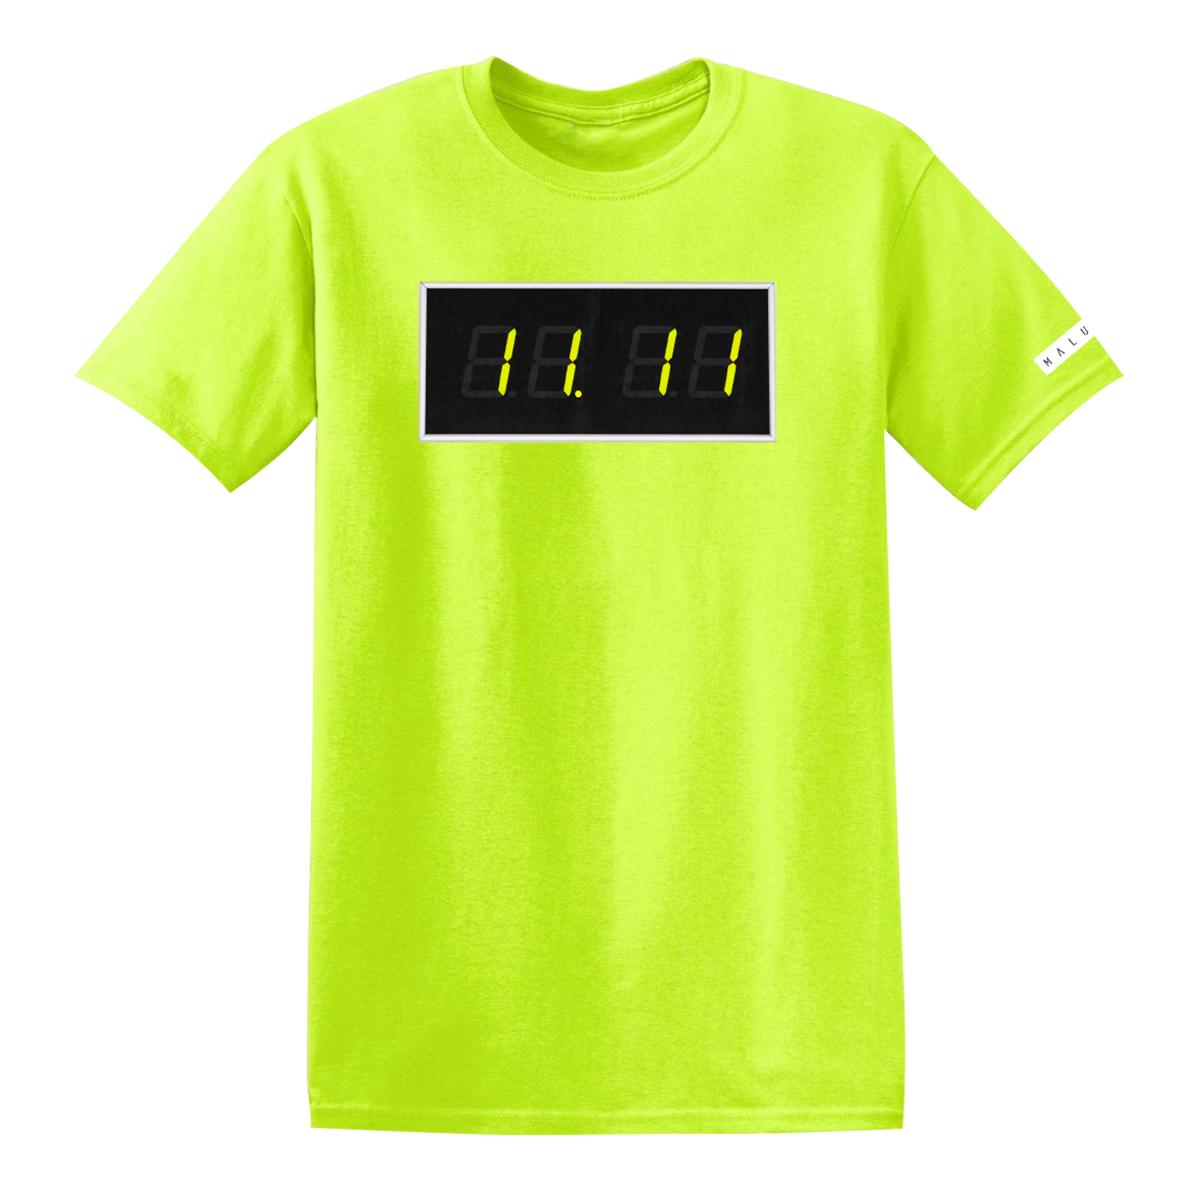 Camiseta del reloj Maluma 11:11